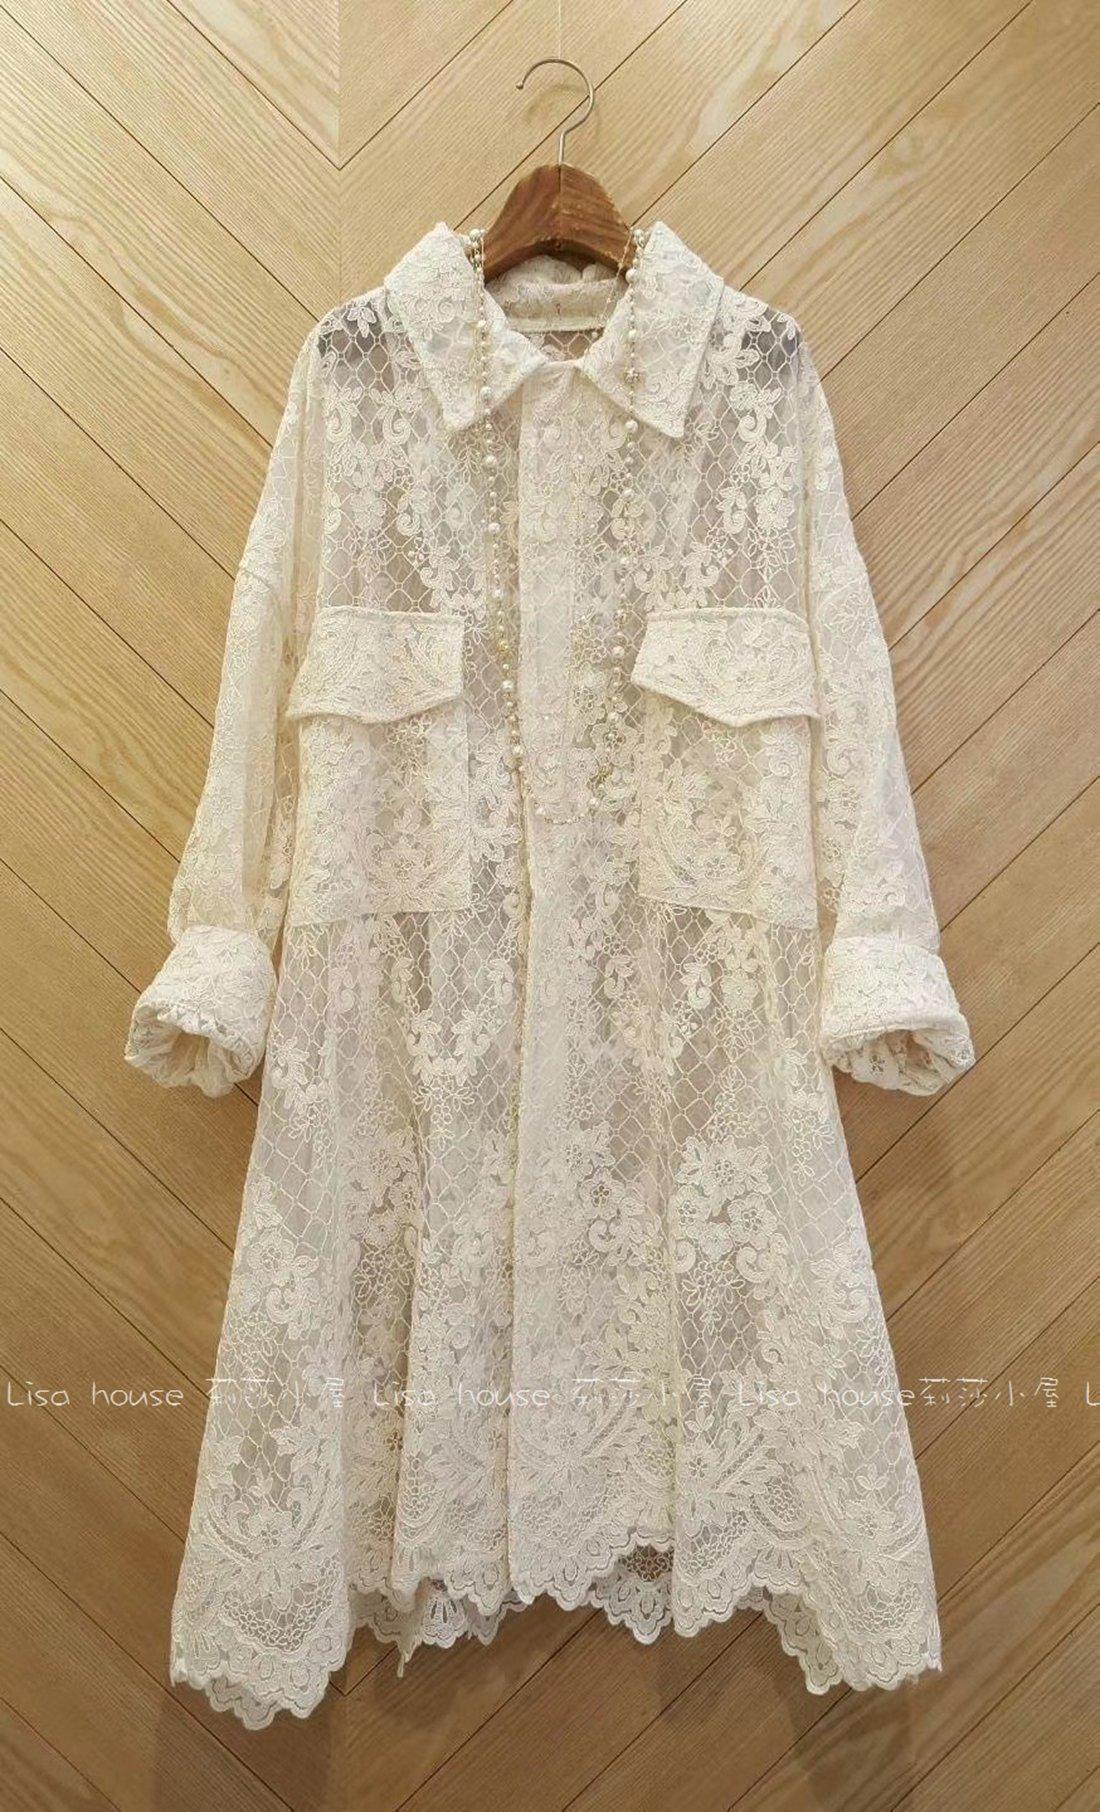 【莉莎小屋】正韓 秋冬新品(現貨) 💝韓國連線代購-質感蕾絲大口袋格蕾絲花拉鍊外套👚👖OS200928